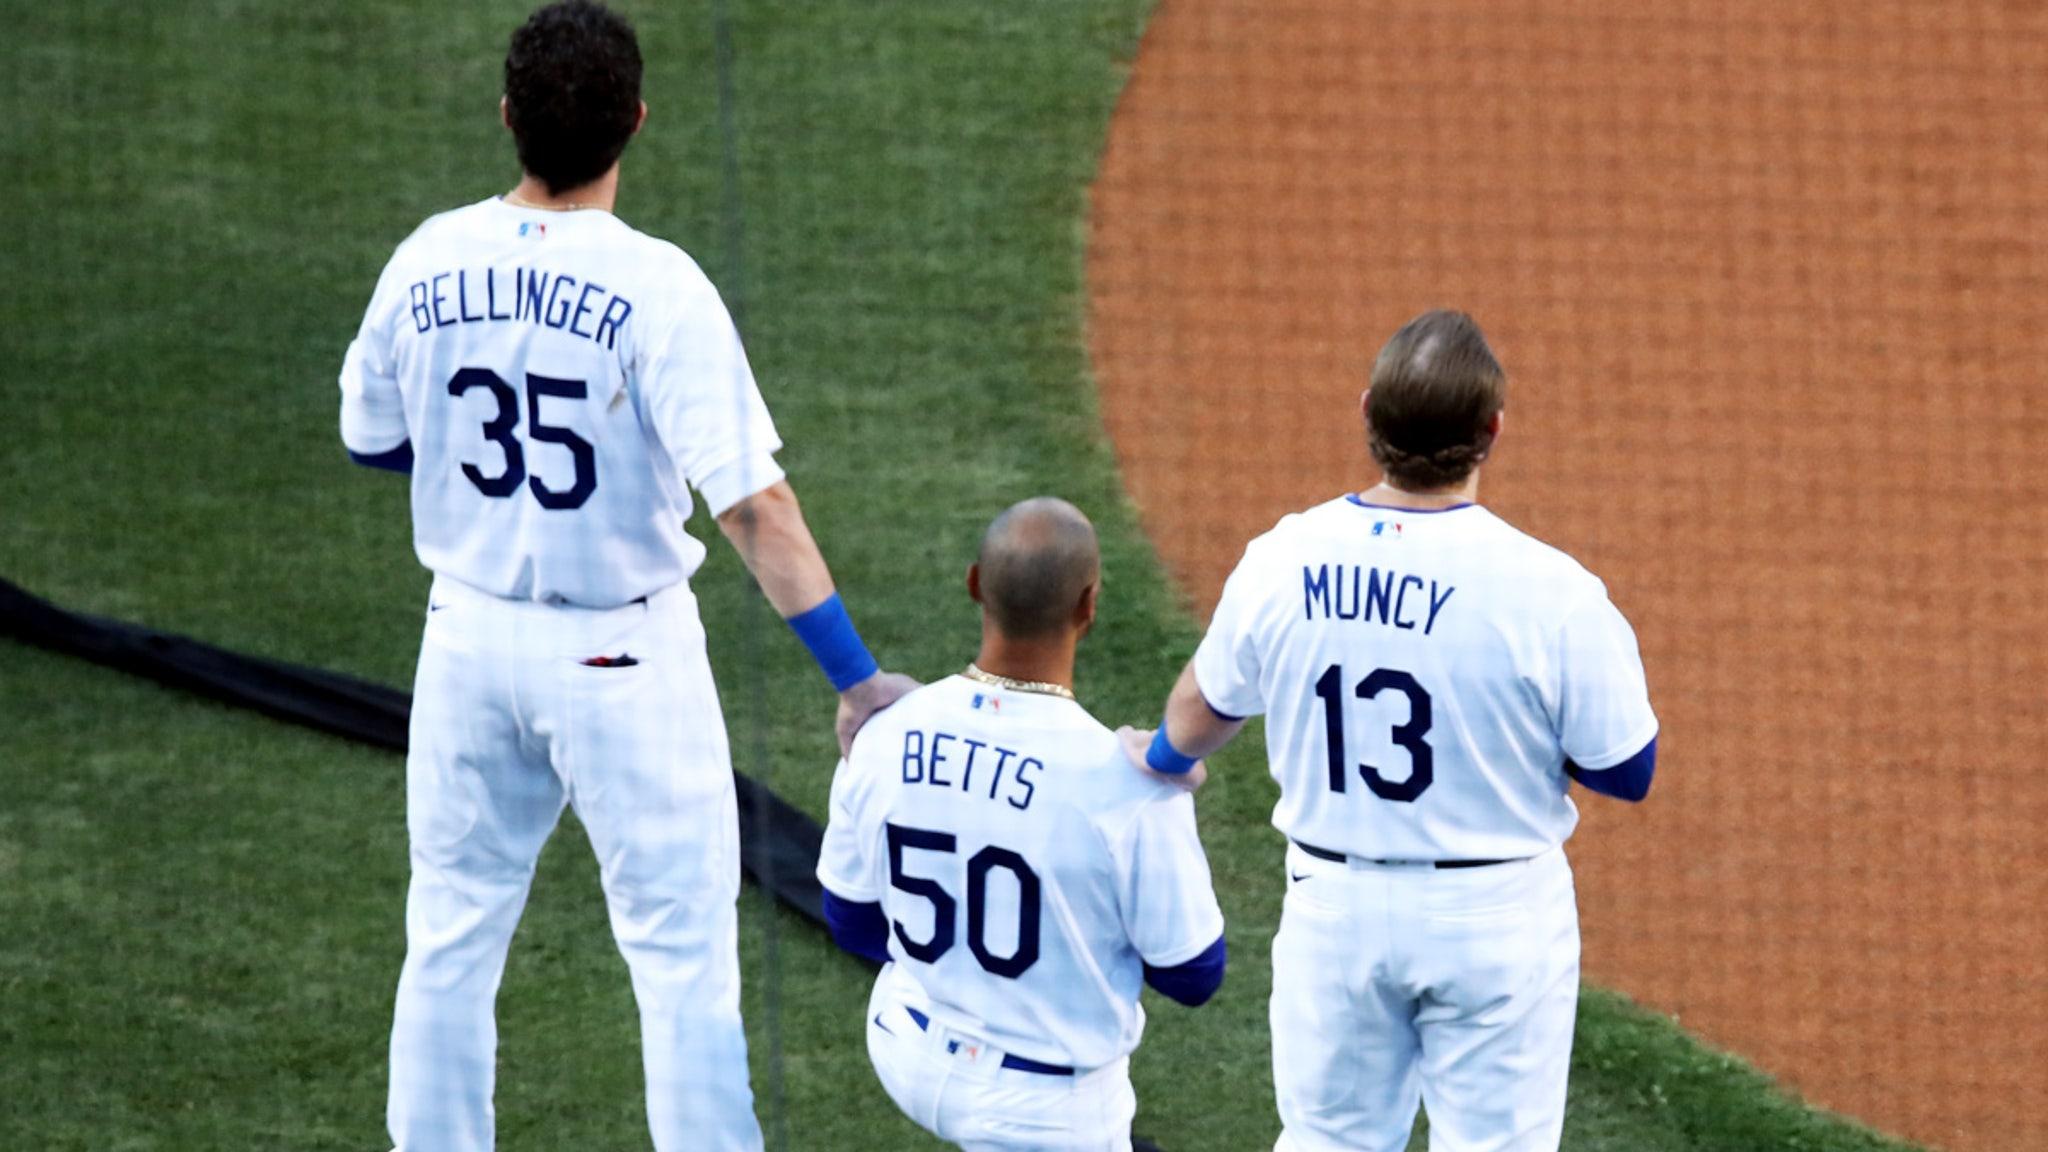 Dodgers Star Mookie Betts Kneels For National Anthem, Bellinger Shows Support